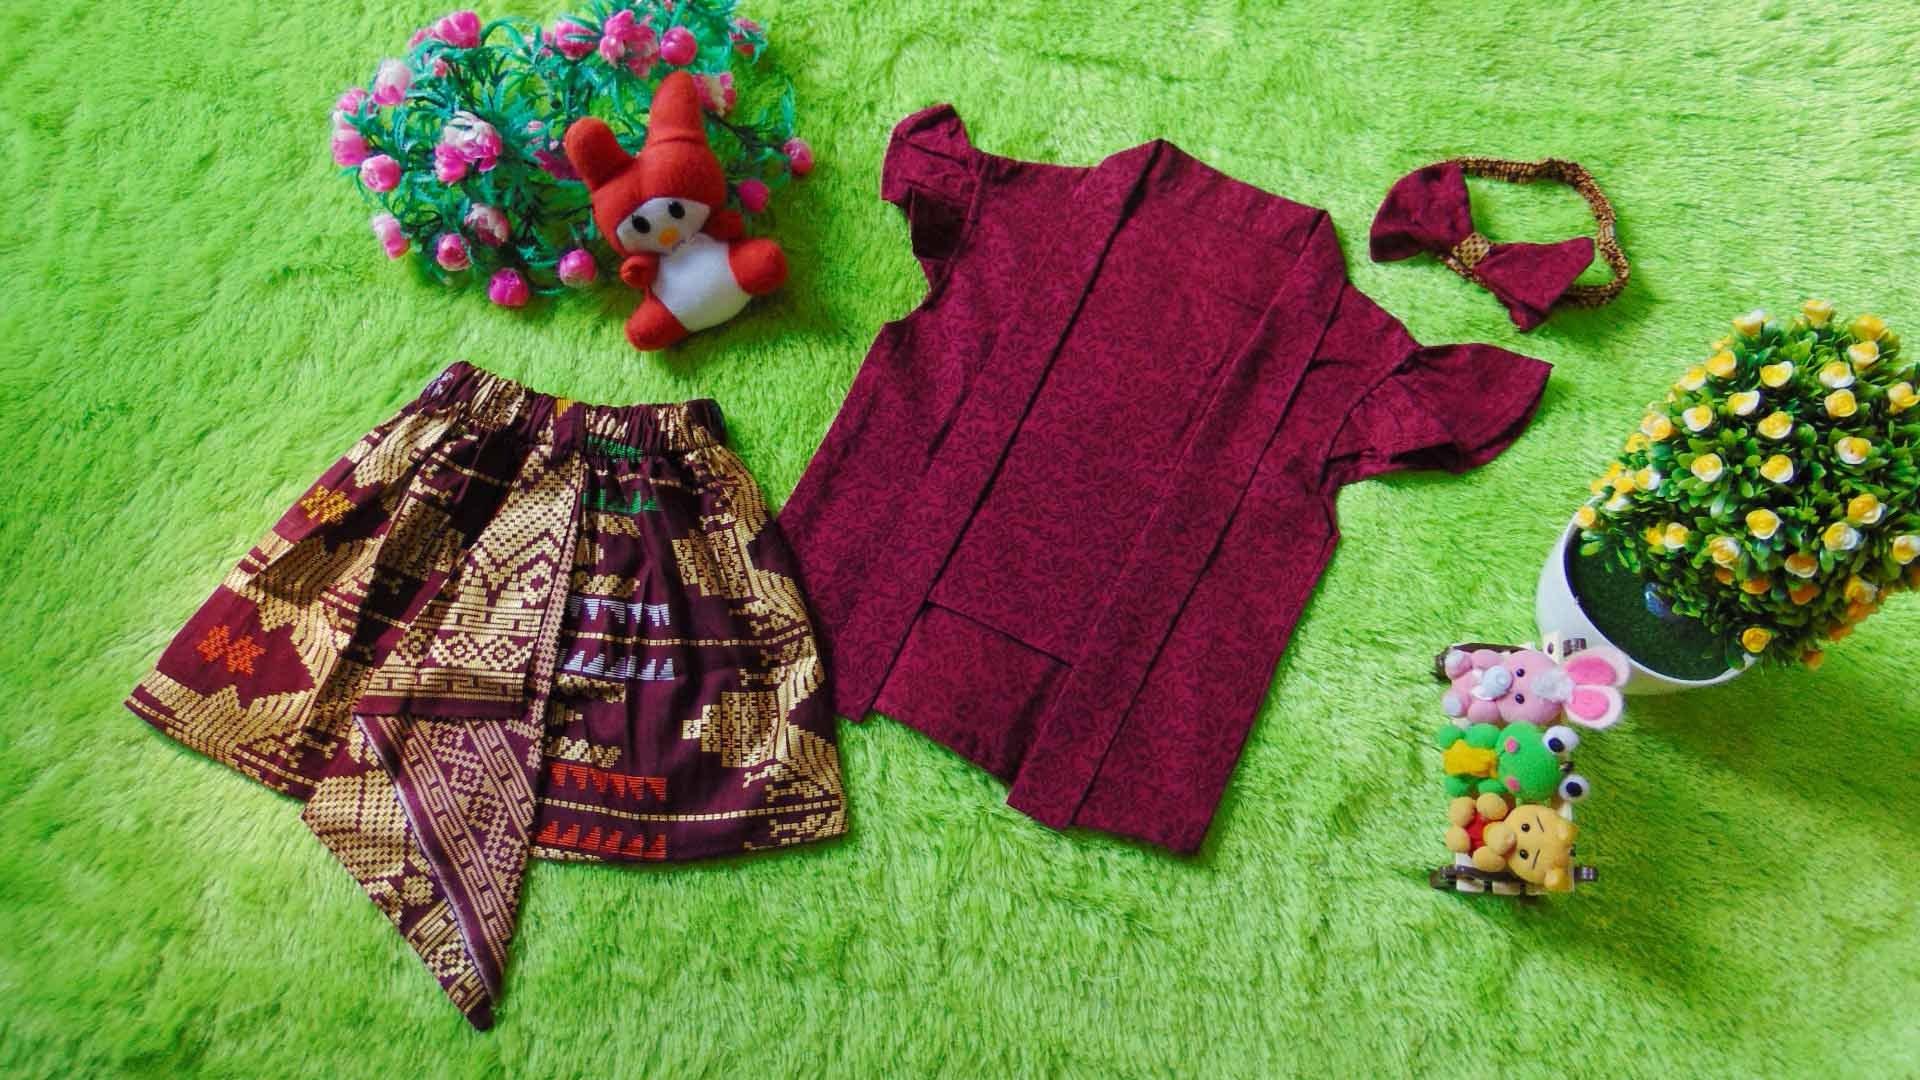 Bentuk Baju Lebaran Bayi 6 Bulan Y7du Setelan Baju Kebaya Kutu Baru Bayi 6bulan 2tahun Plus